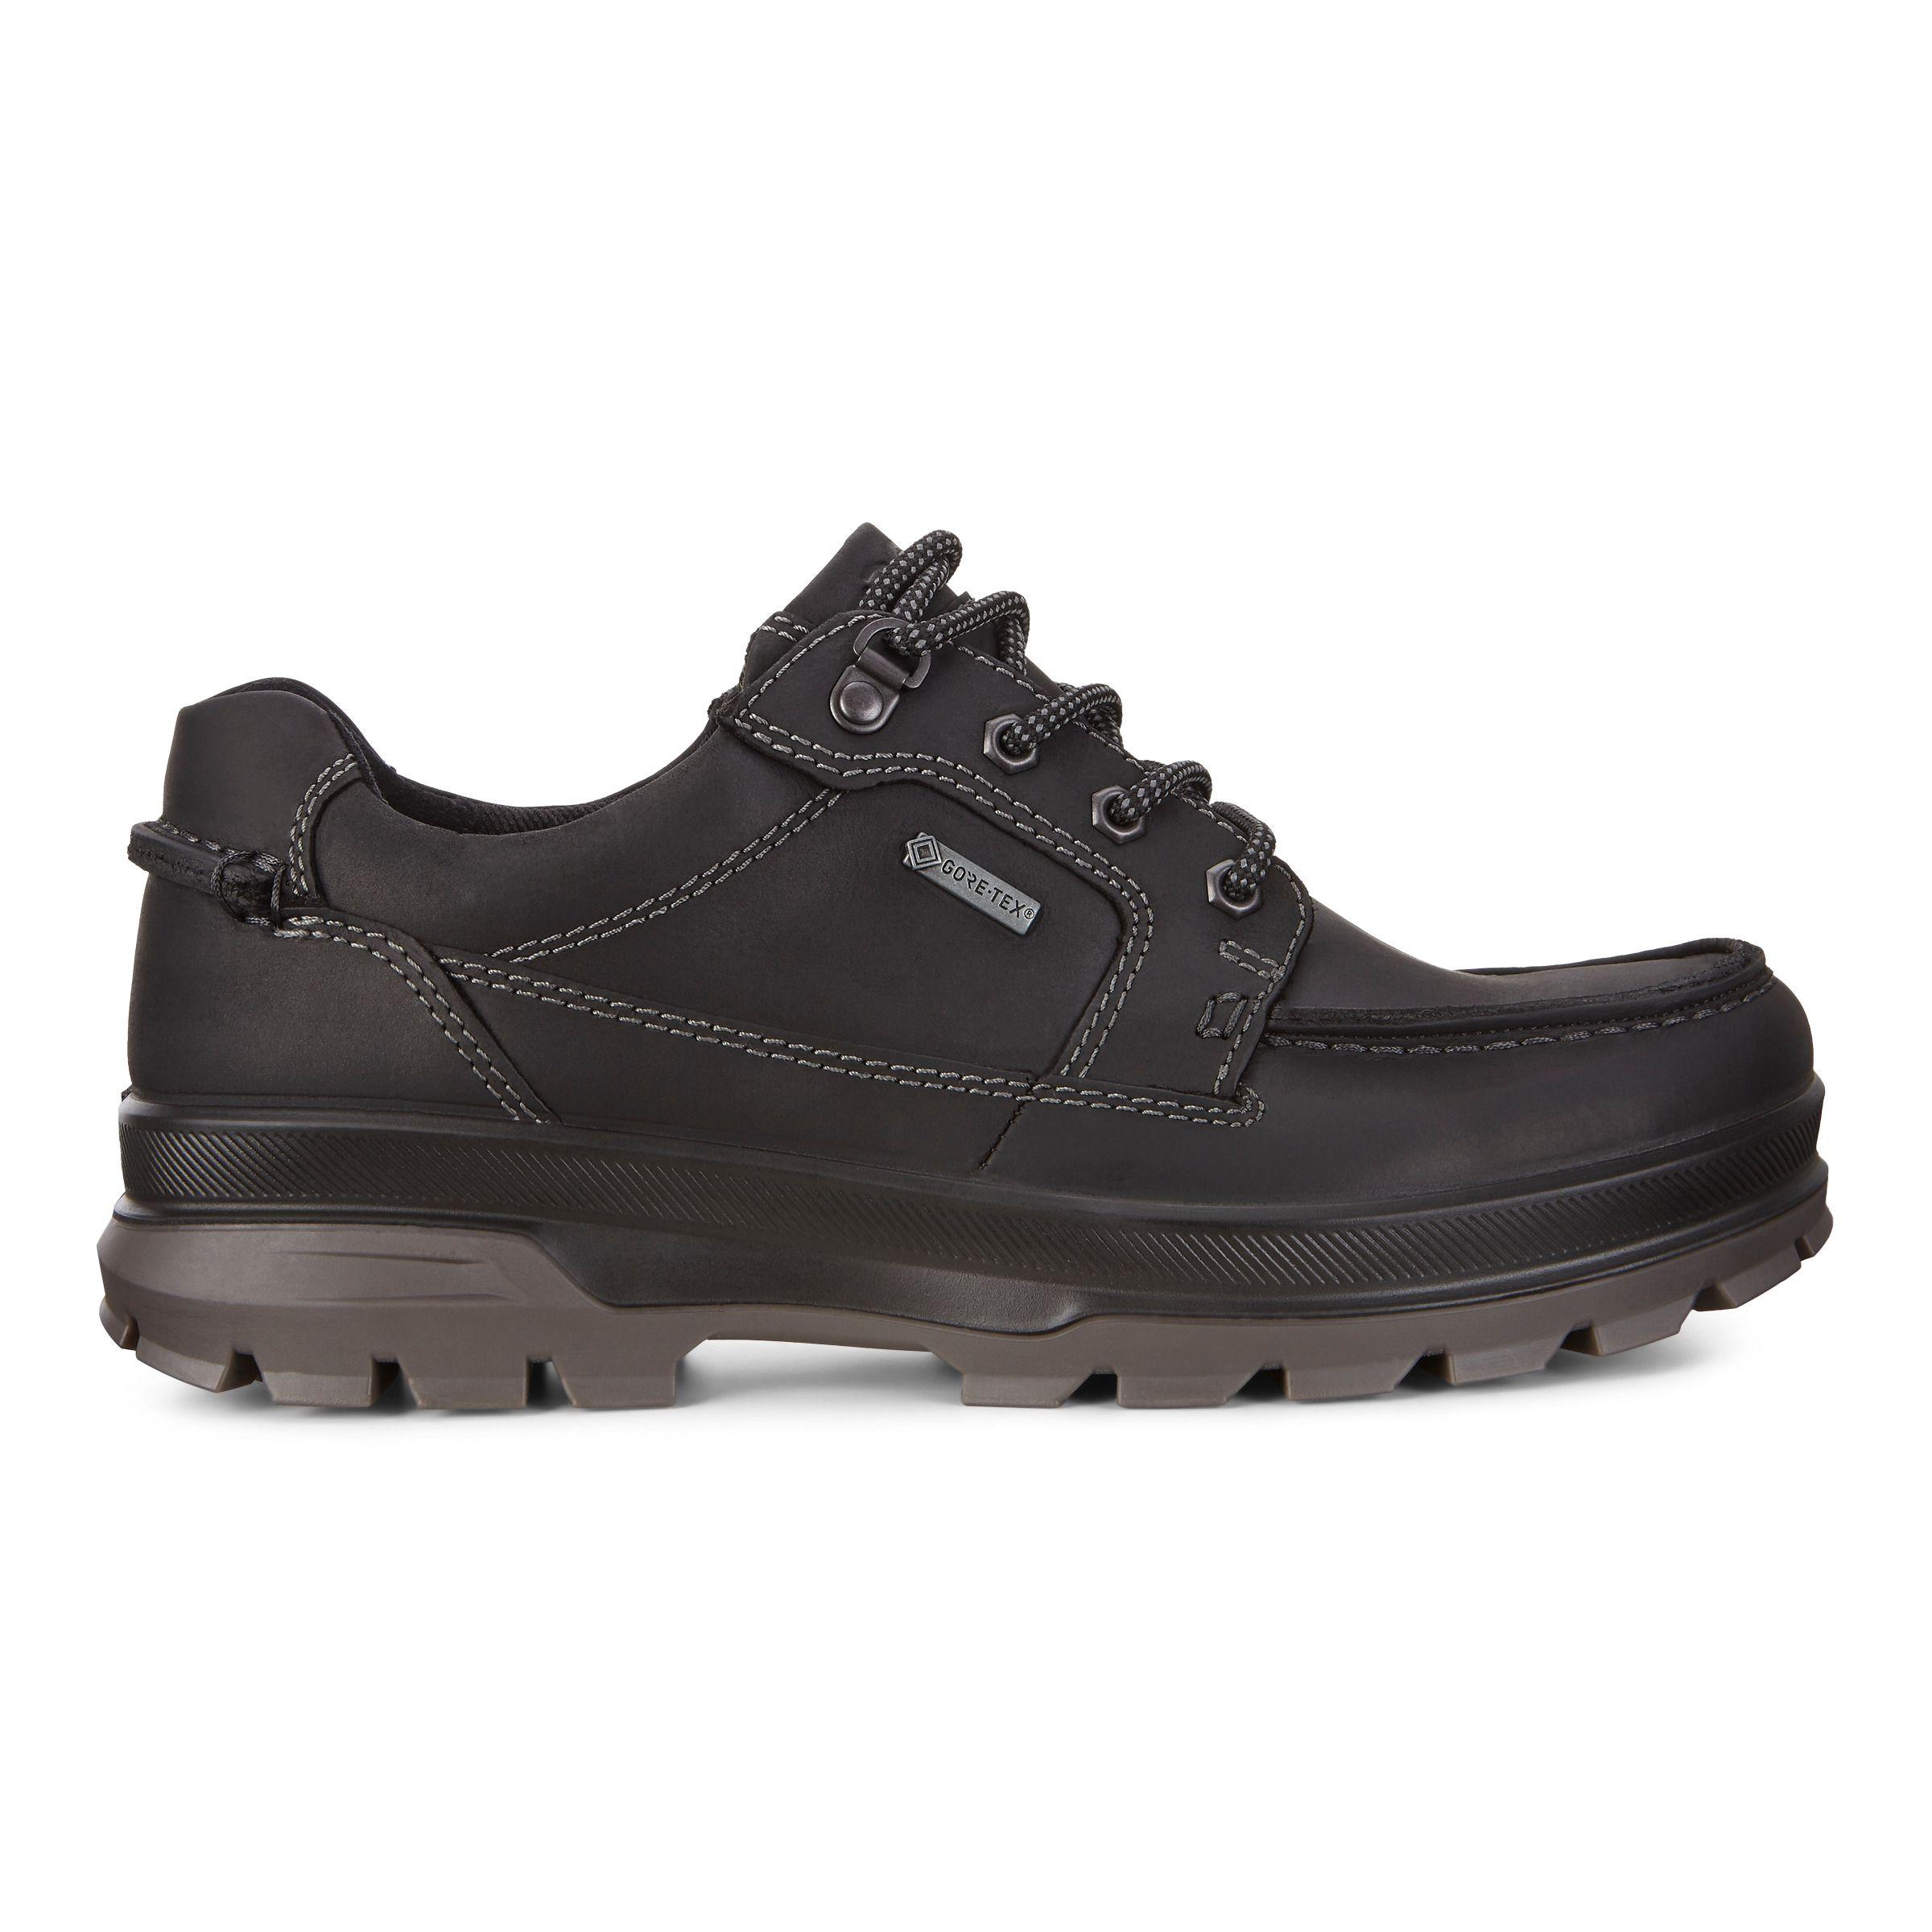 Ecco Rugged Track Heren Schoenen Laarzen Brown Online Shop